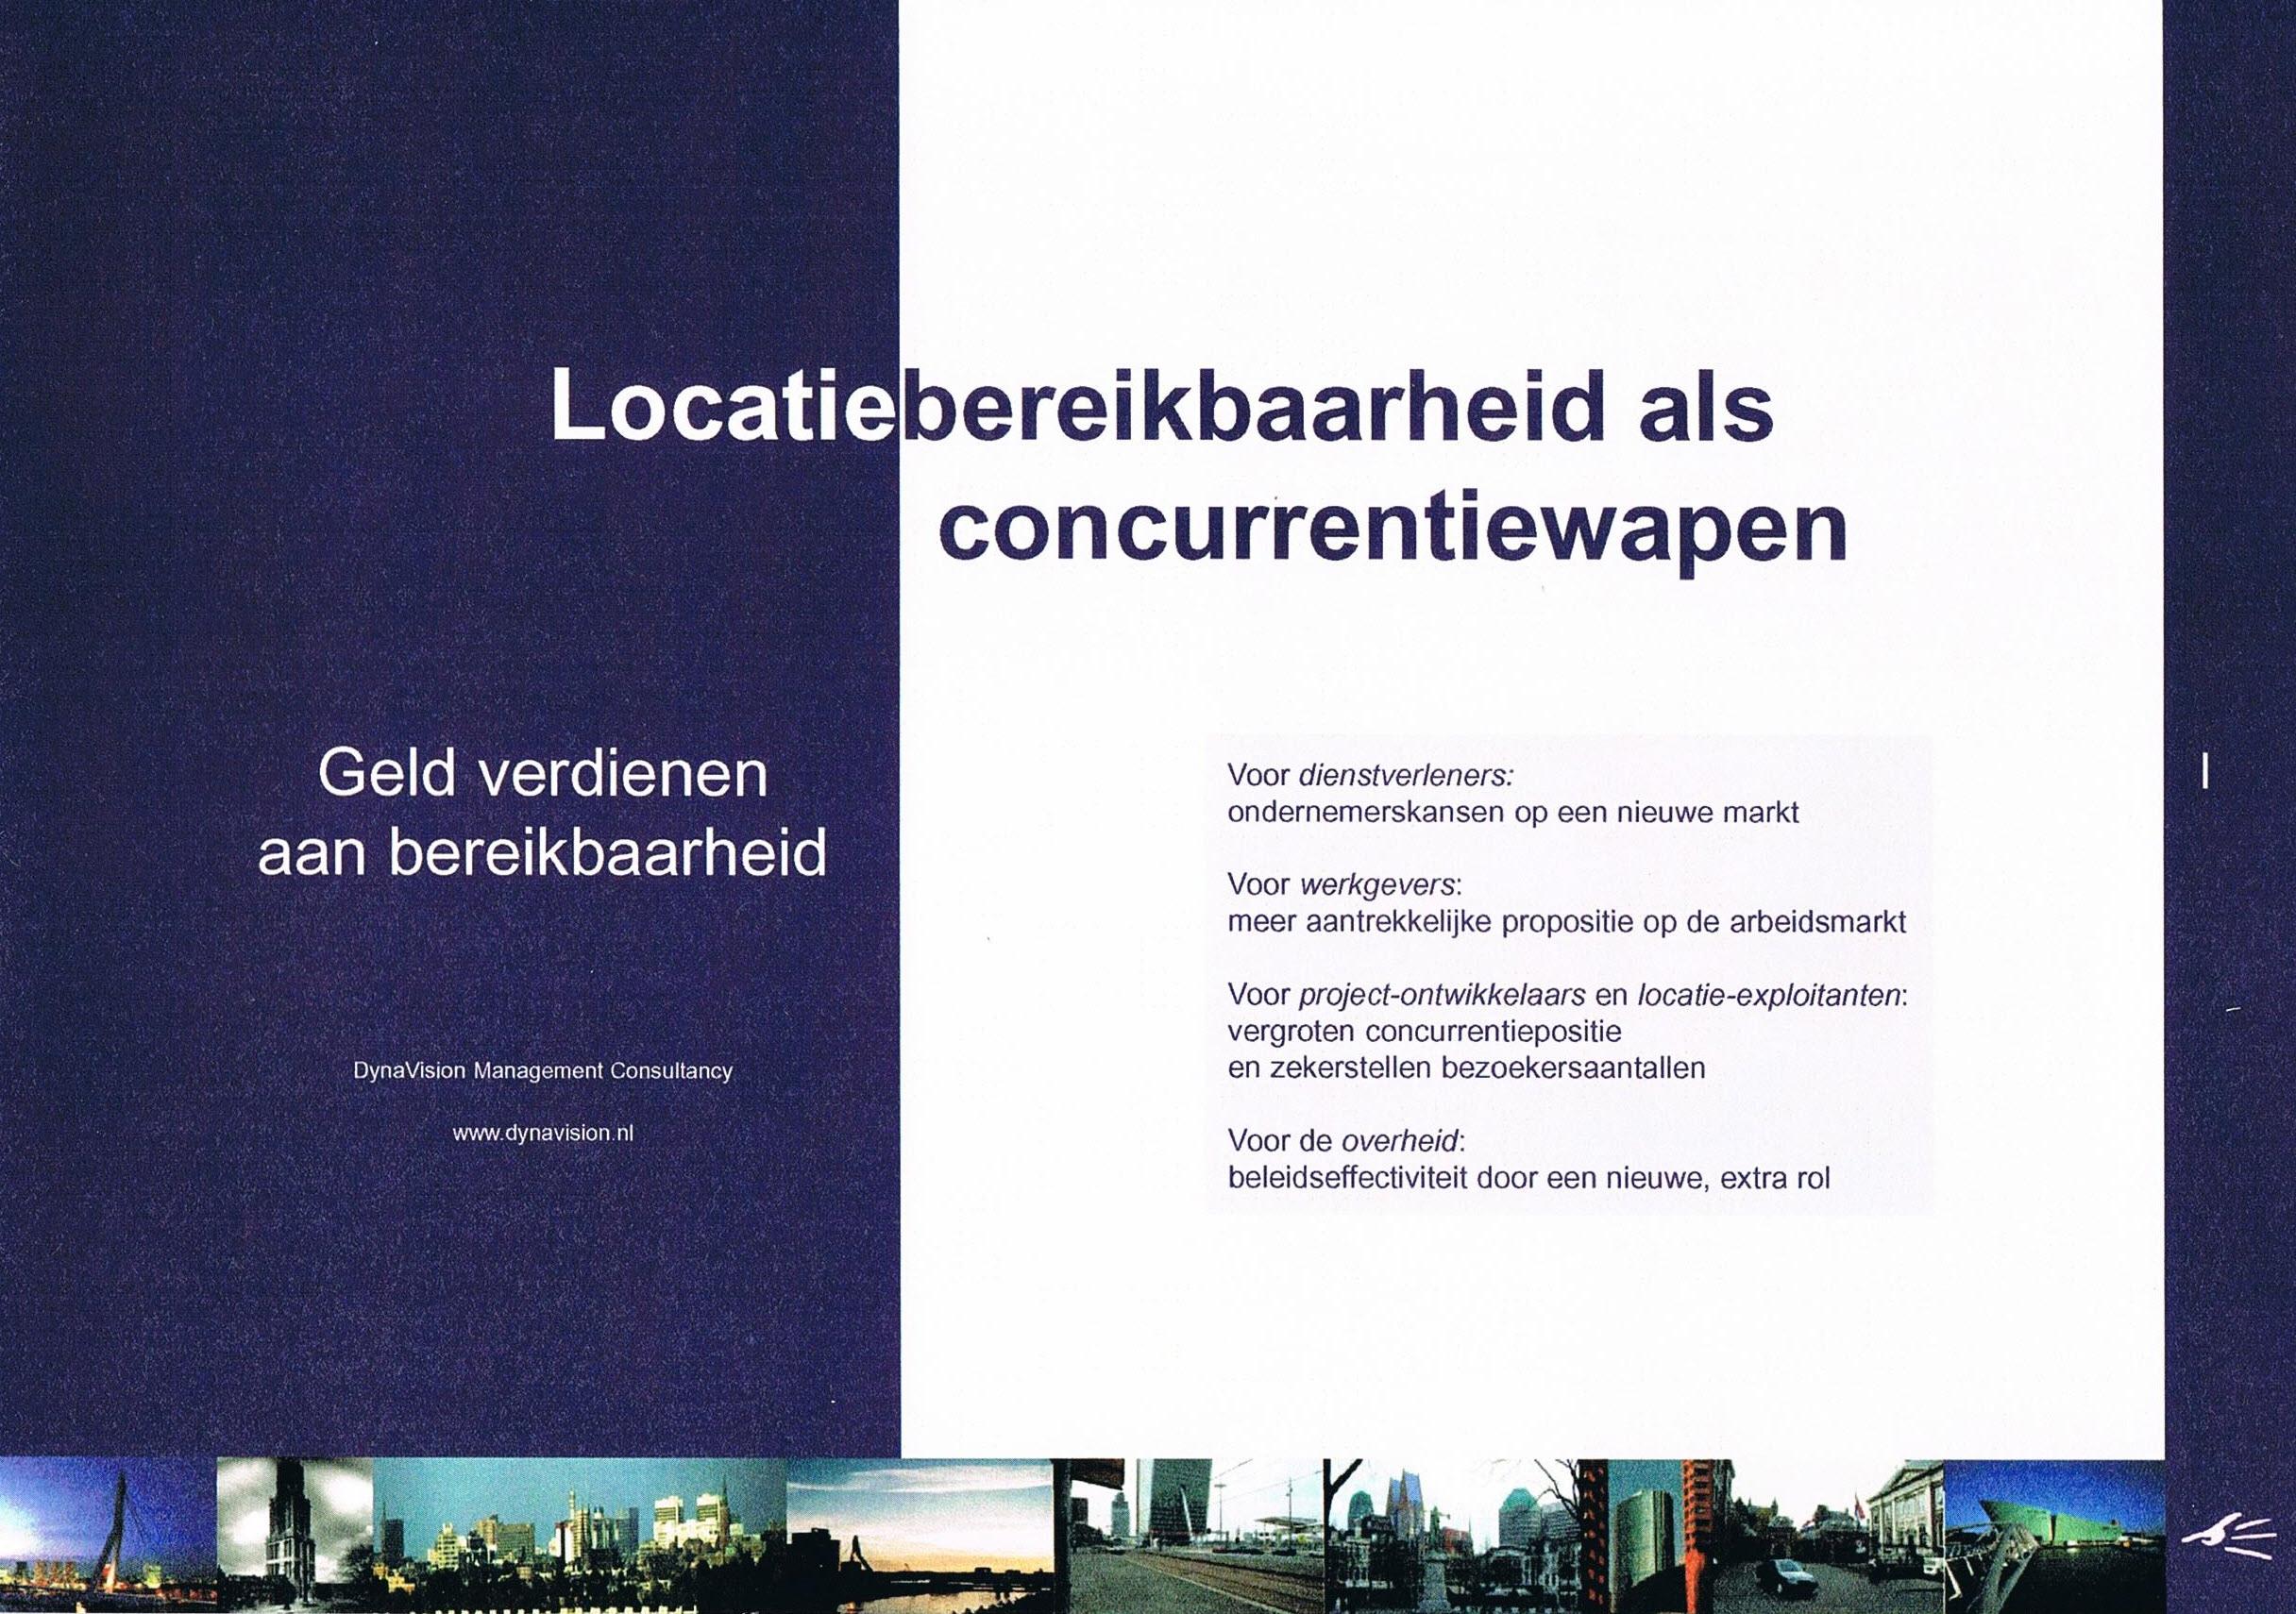 Locatiebereikbaarheid als concurrentiewapen